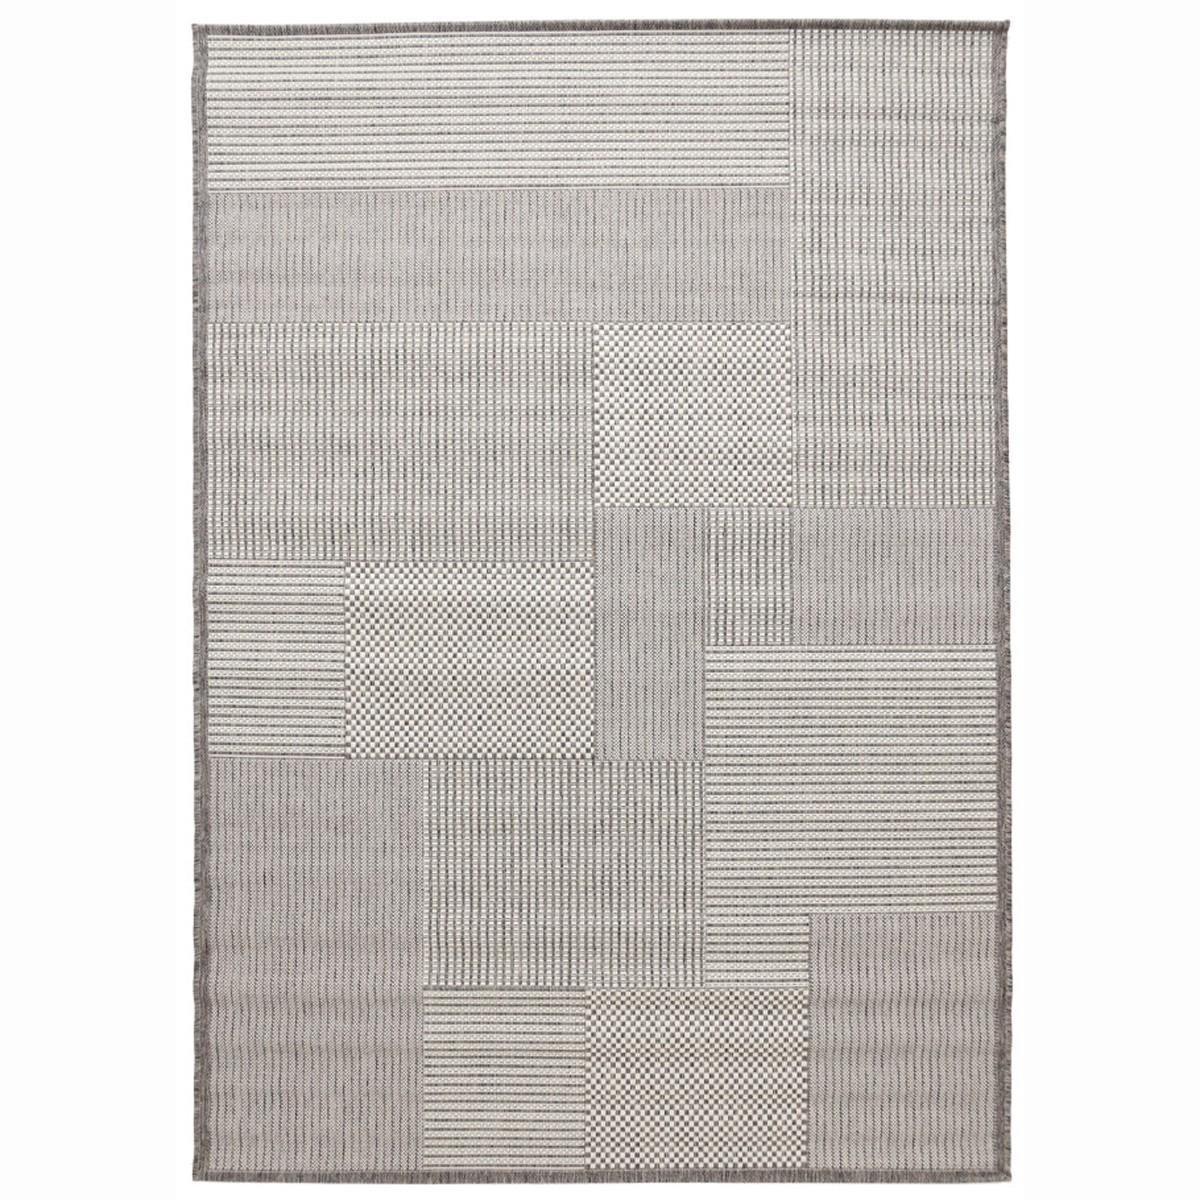 Καλοκαιρινό Χαλί (133x190) Royal Carpets Sand 2881 E